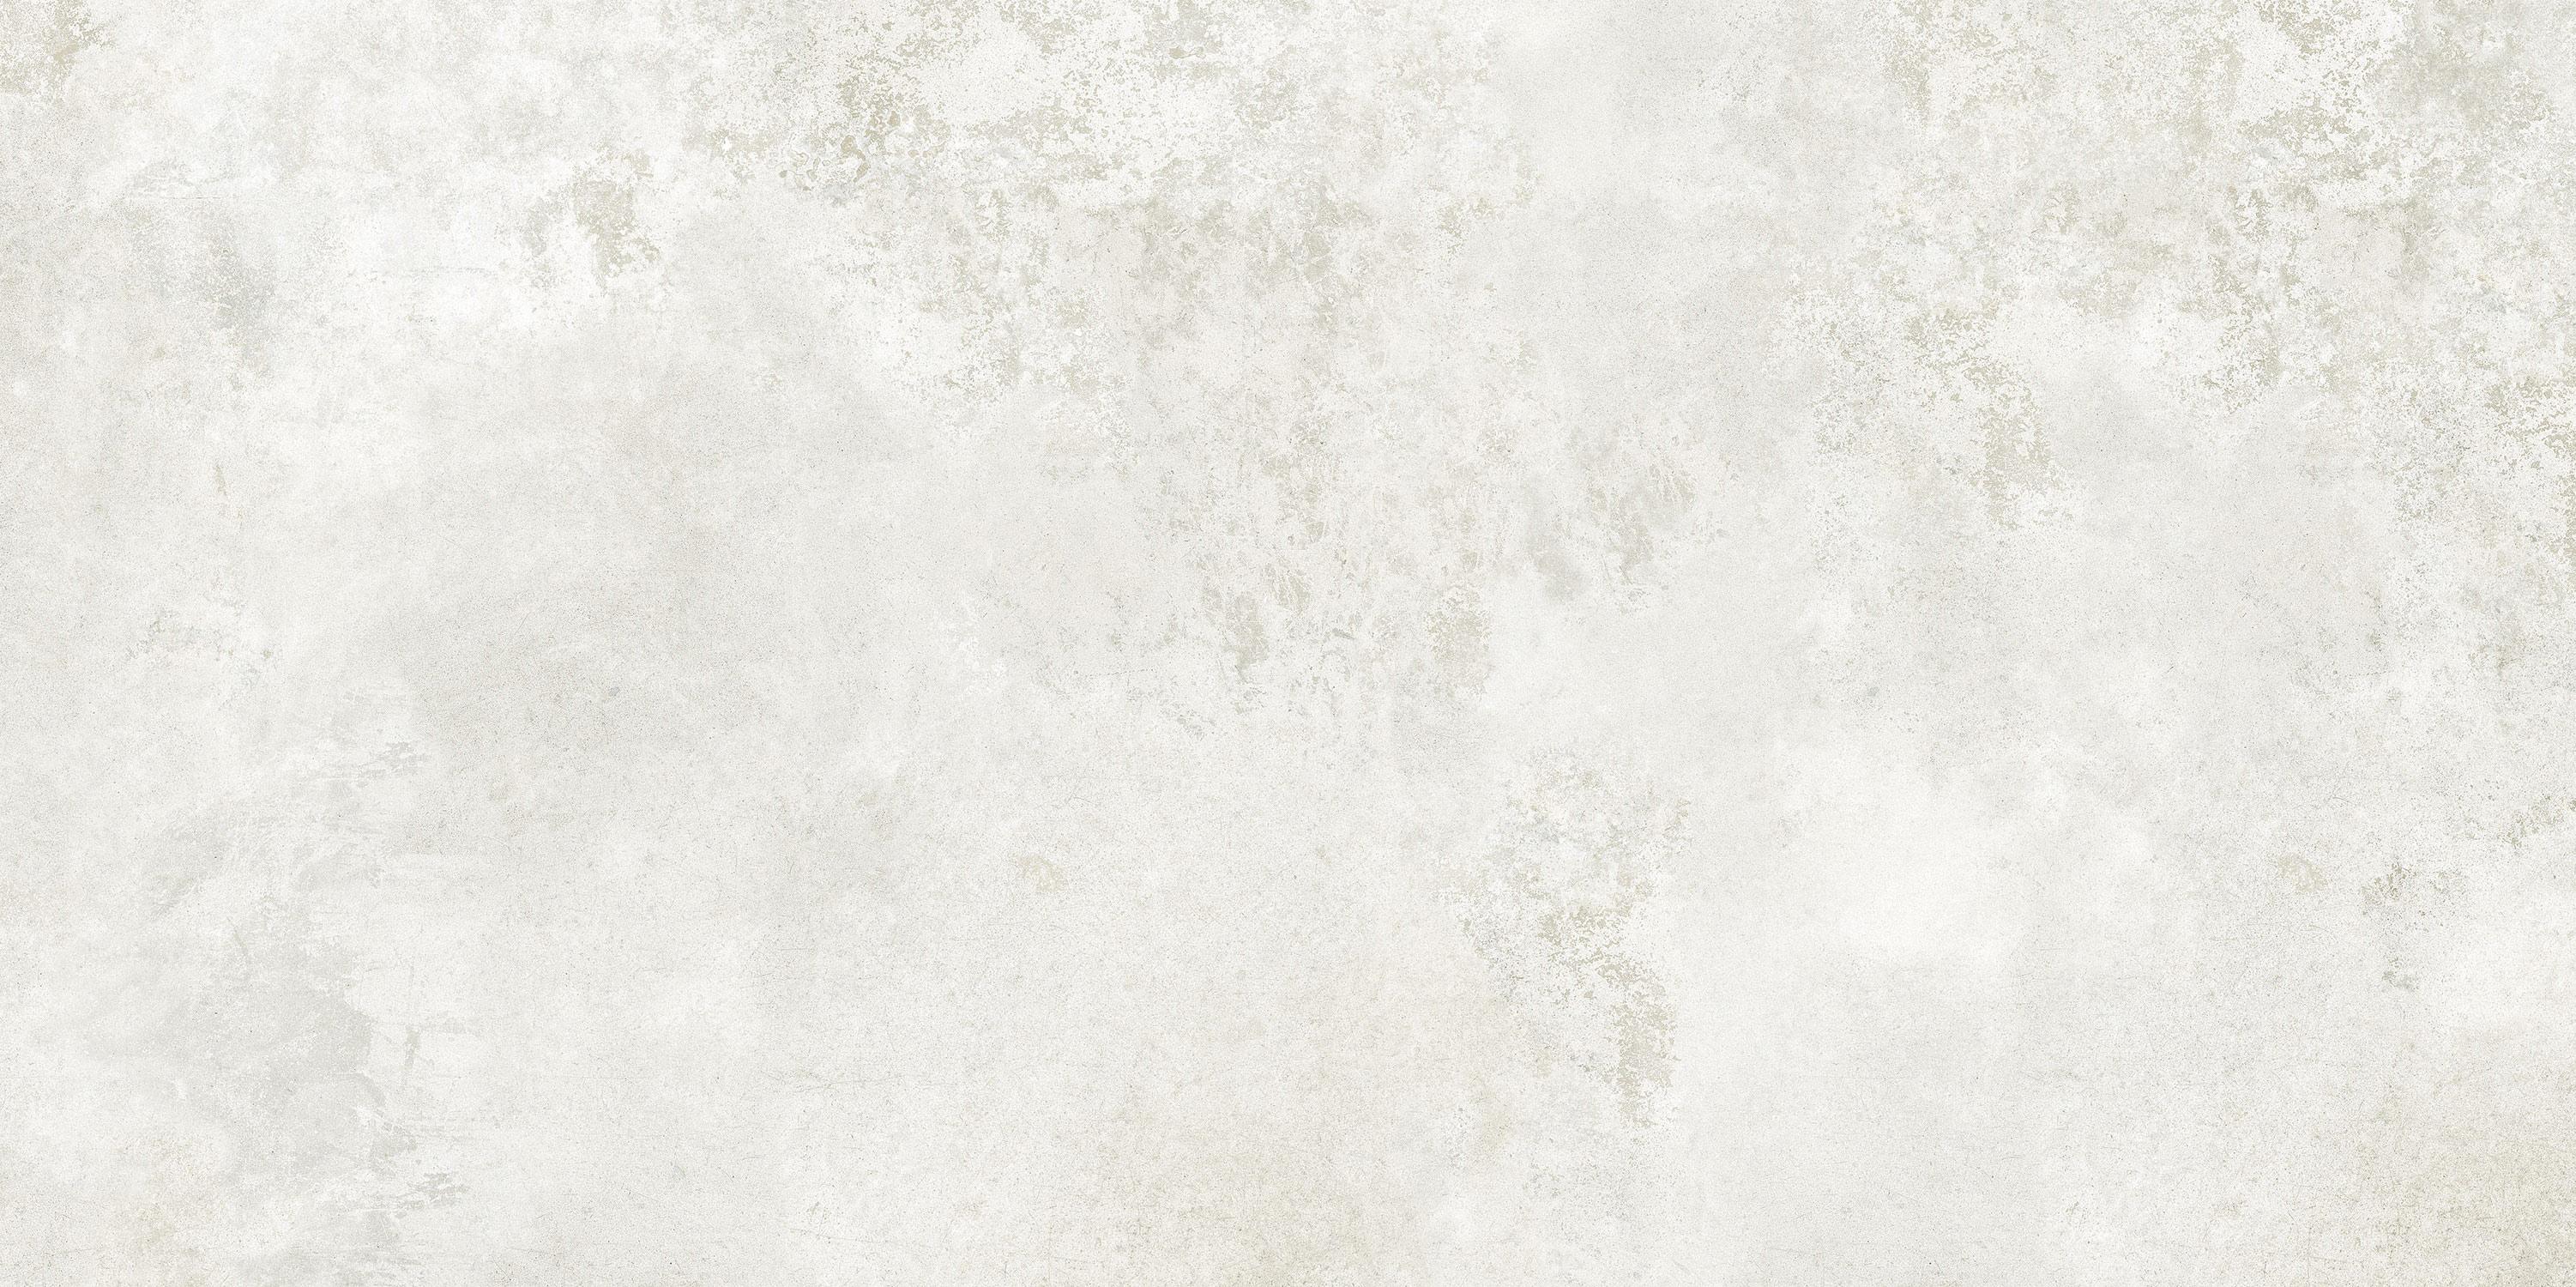 Płytka podłogowa Tubądzin Torano White Lap 119,8x239,8cm tubTorWhiLap1198x2398